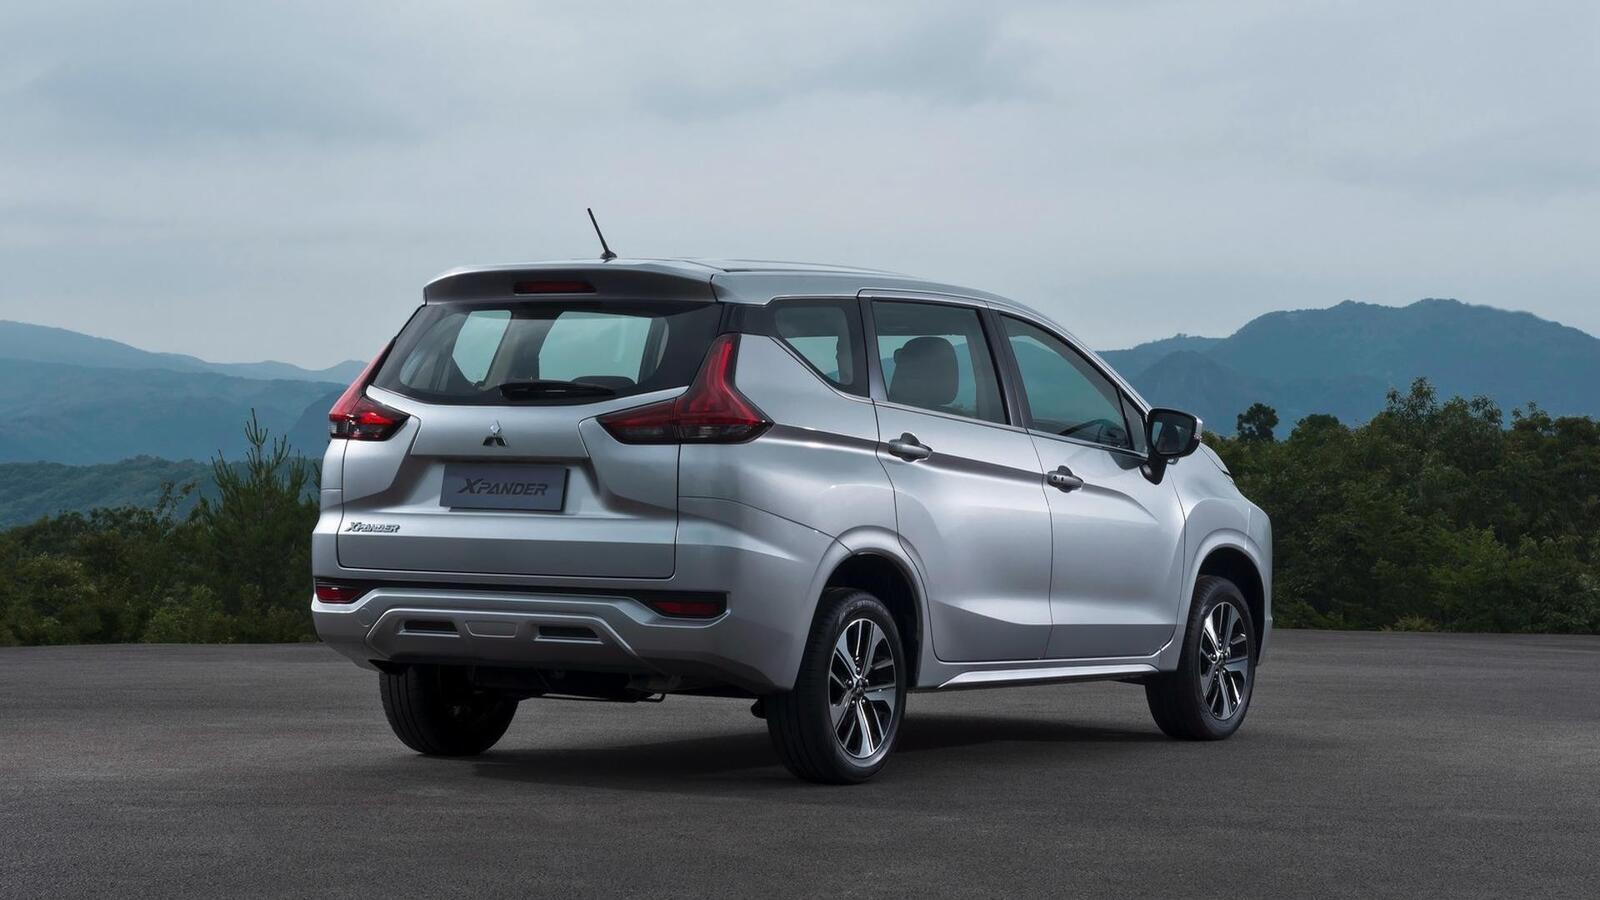 Rò rỉ hình ảnh Mitsubishi Xpander 2018 chạy thử tại Việt Nam - Hình 20